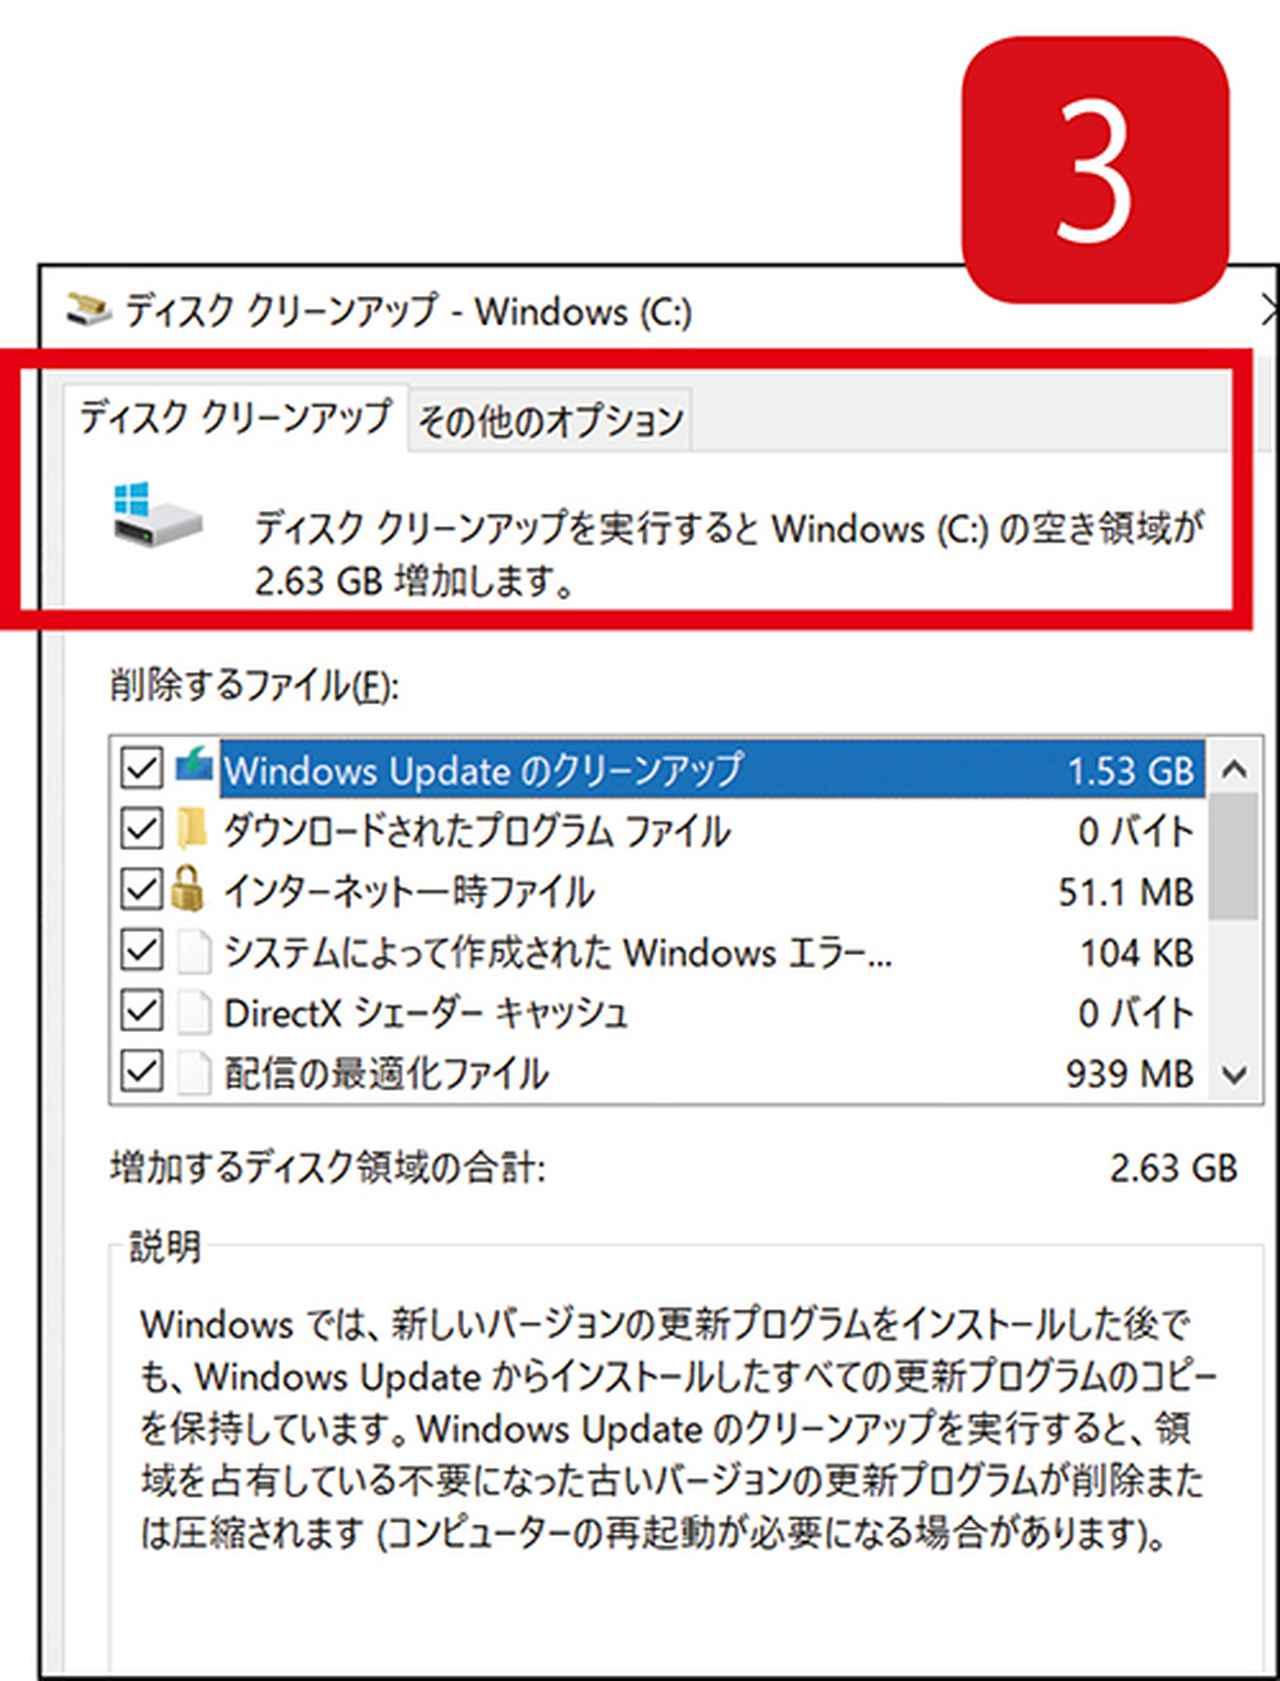 画像: この例では、標準で1.09Gバイト、システムフ ァイルも指定すると2.63Gバイトも増加した。